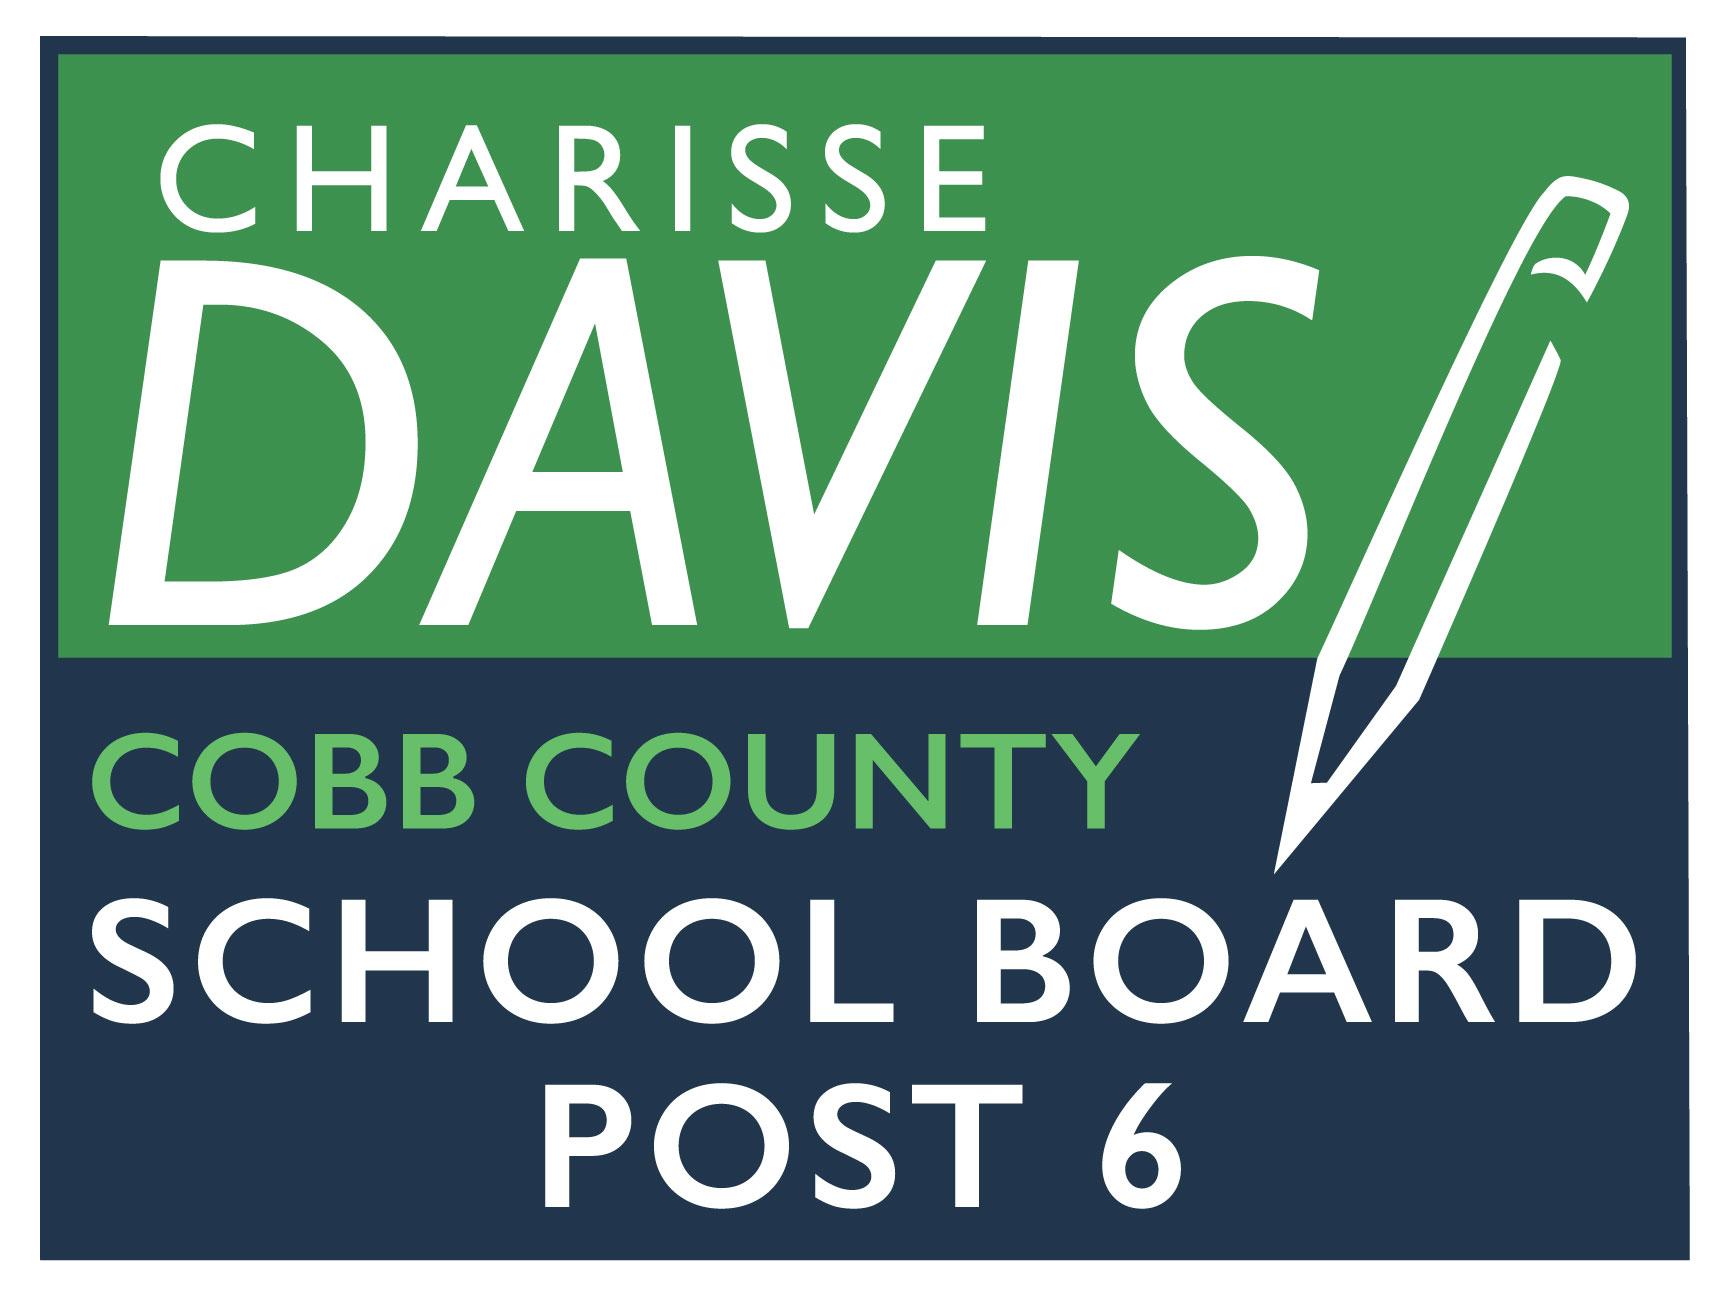 Charisse Davis